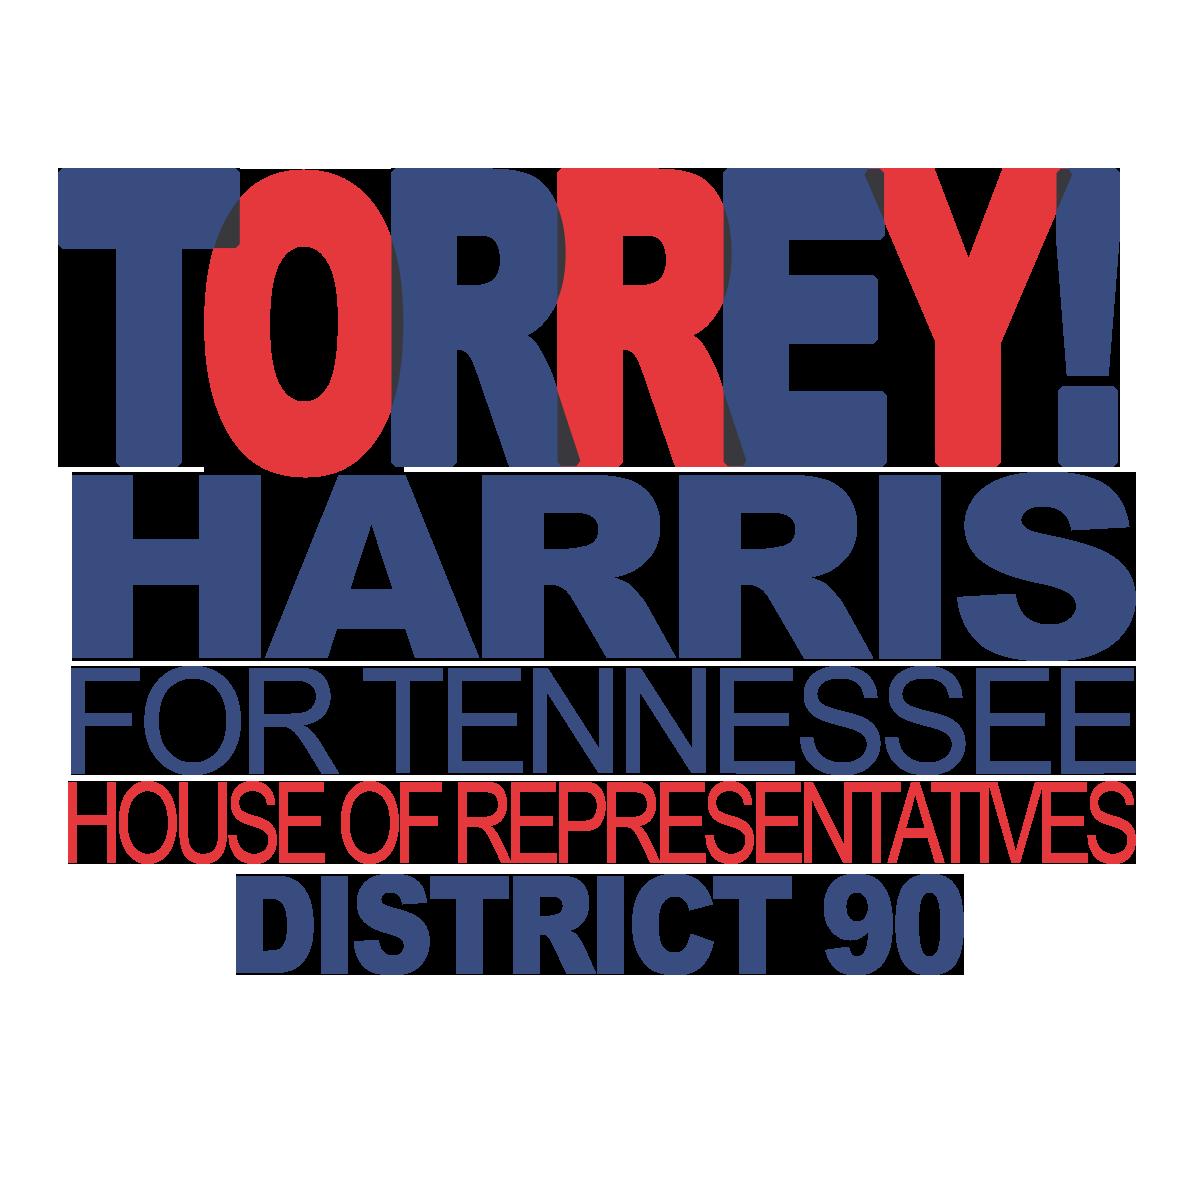 Torrey Harris